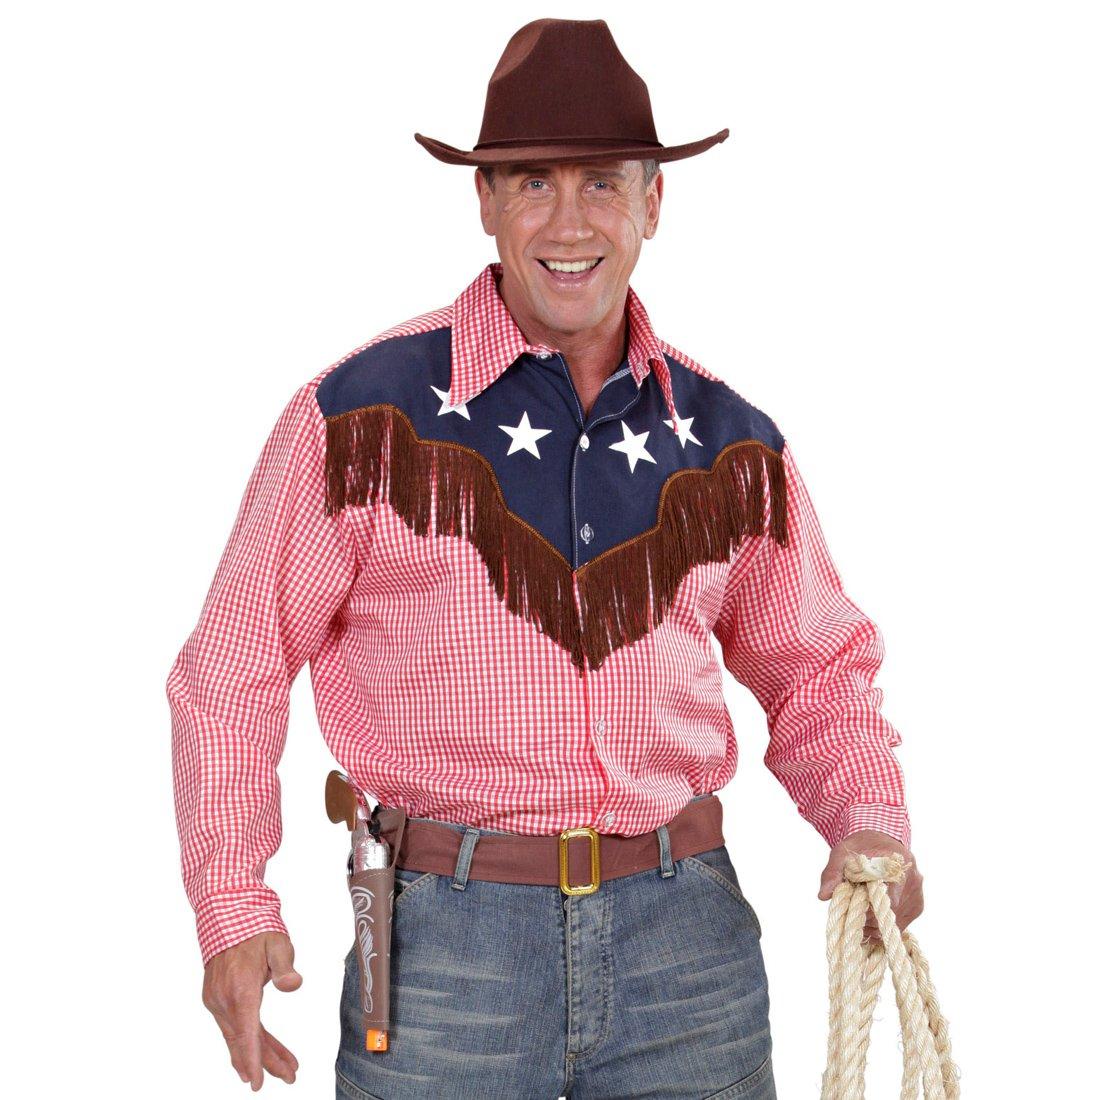 NET TOYS Camisa Country - XL (ES 54) | Camisa Rodeo | Camiseta Vaquero | Top Oeste Salvaje: Amazon.es: Juguetes y juegos